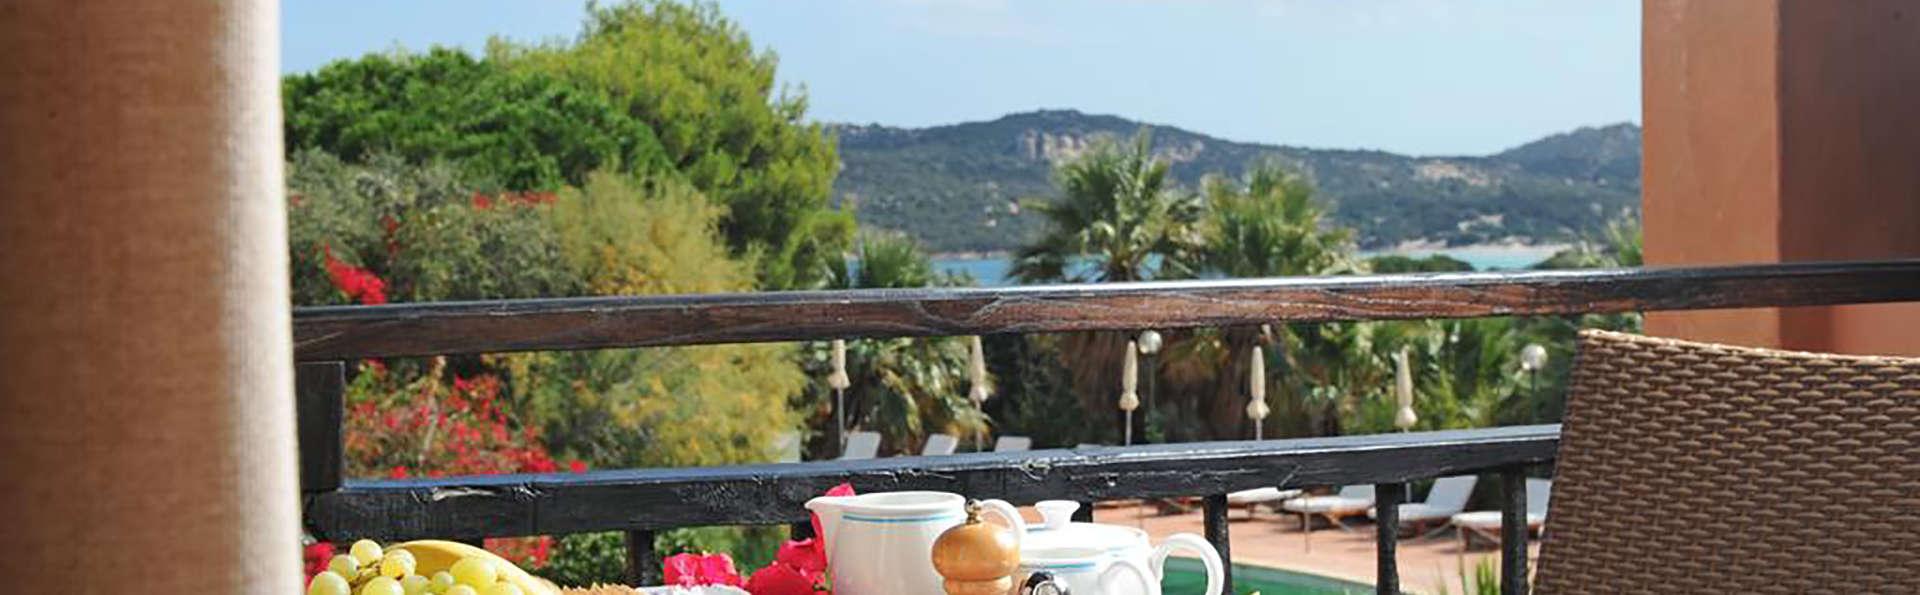 Risparmia sul soggiorno lungo a Porto Cervo in Sardegna in Hotel da sogno  (da 2 notti)